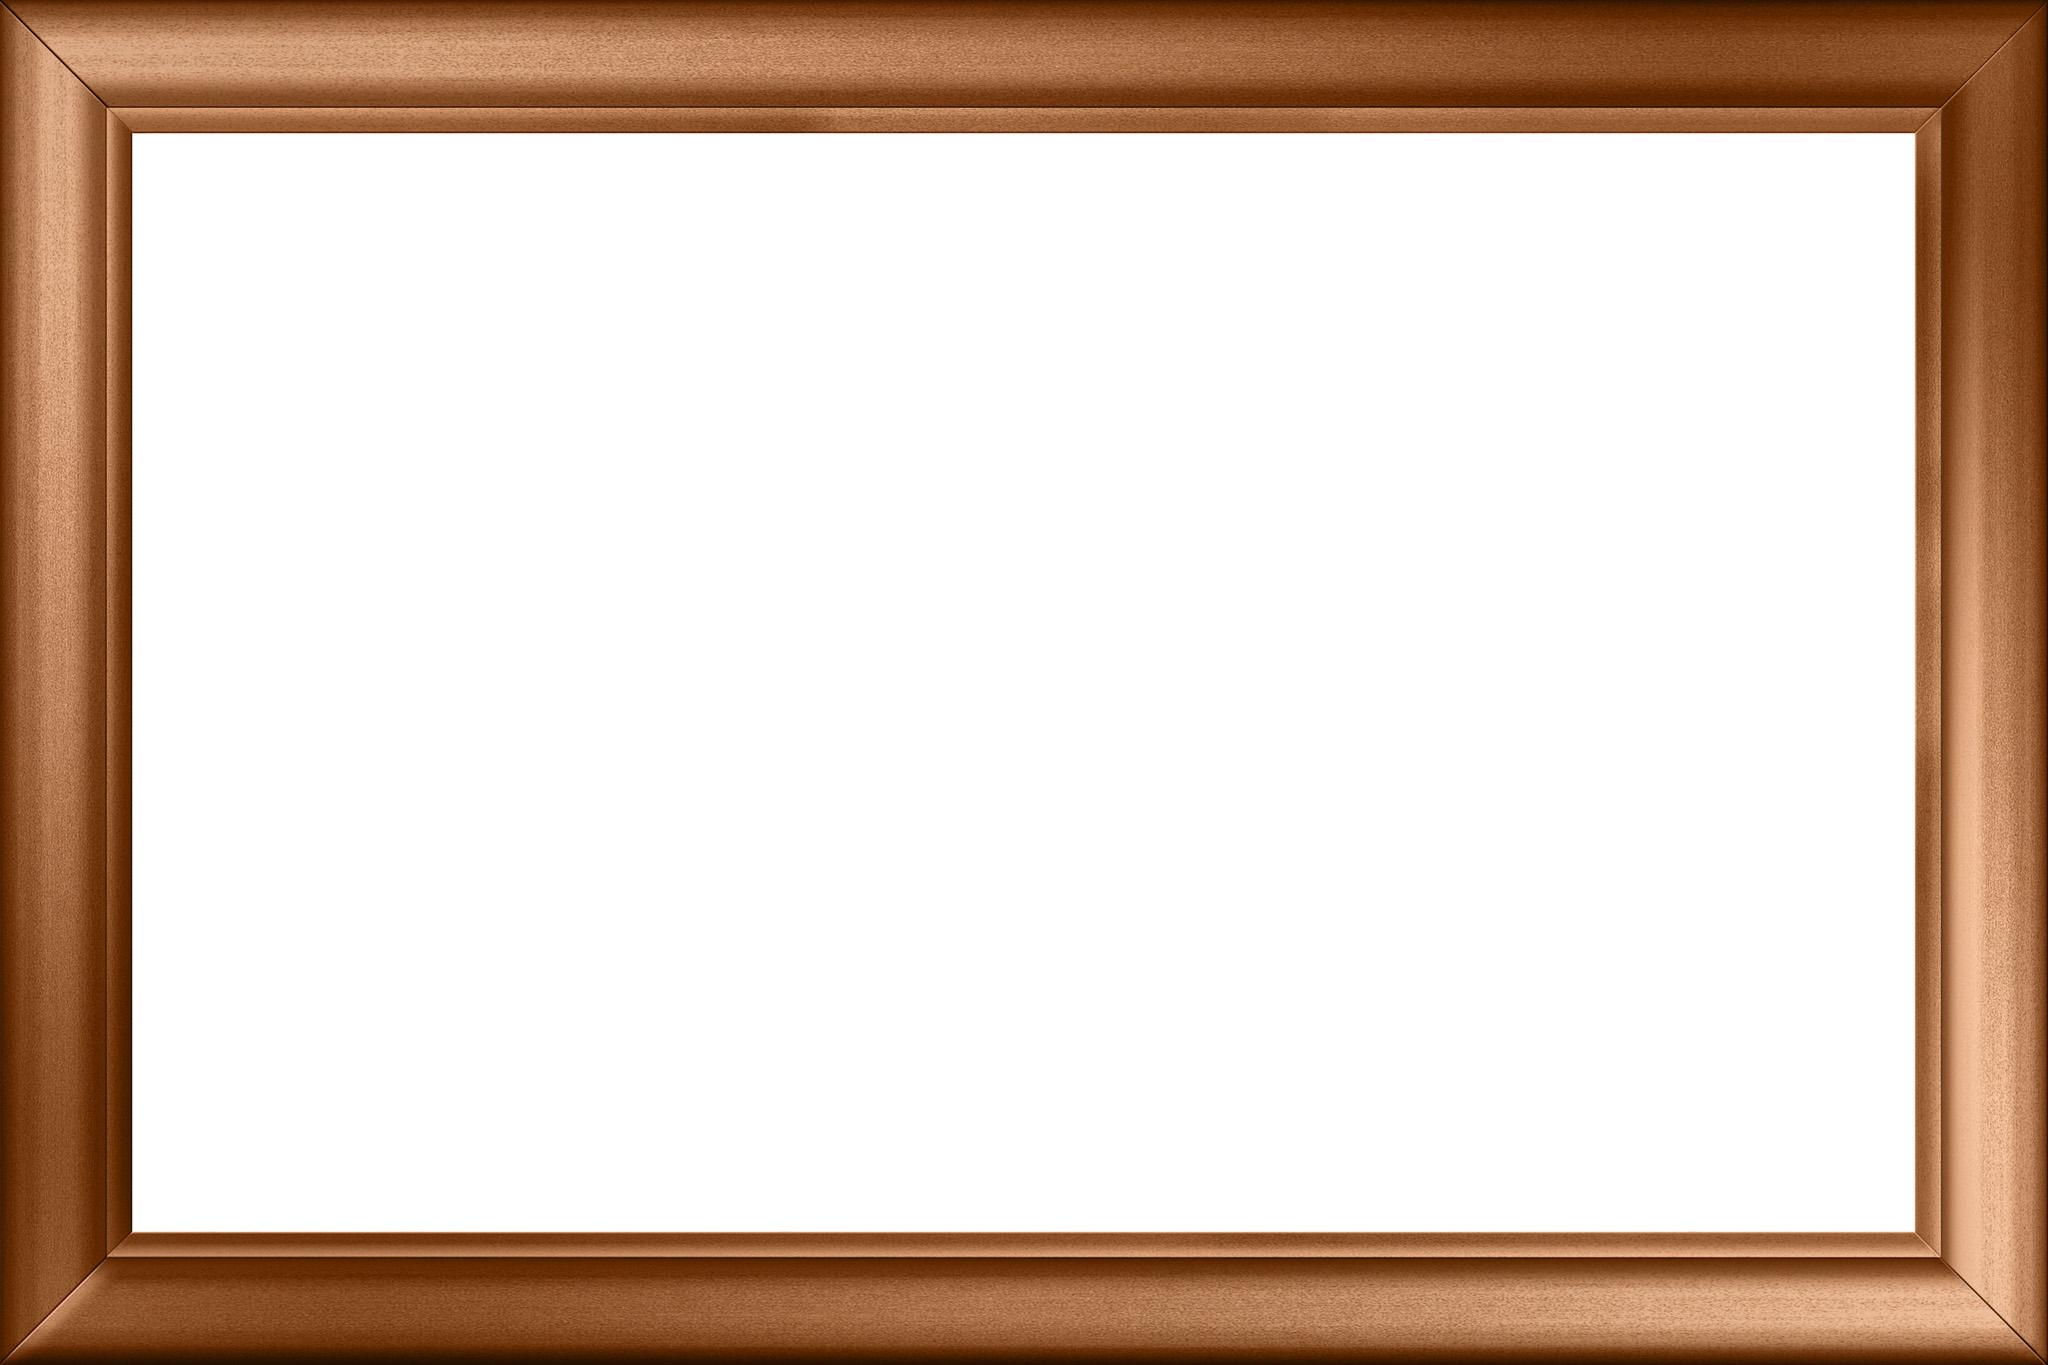 「銅製のクラッシックなフレーム枠」